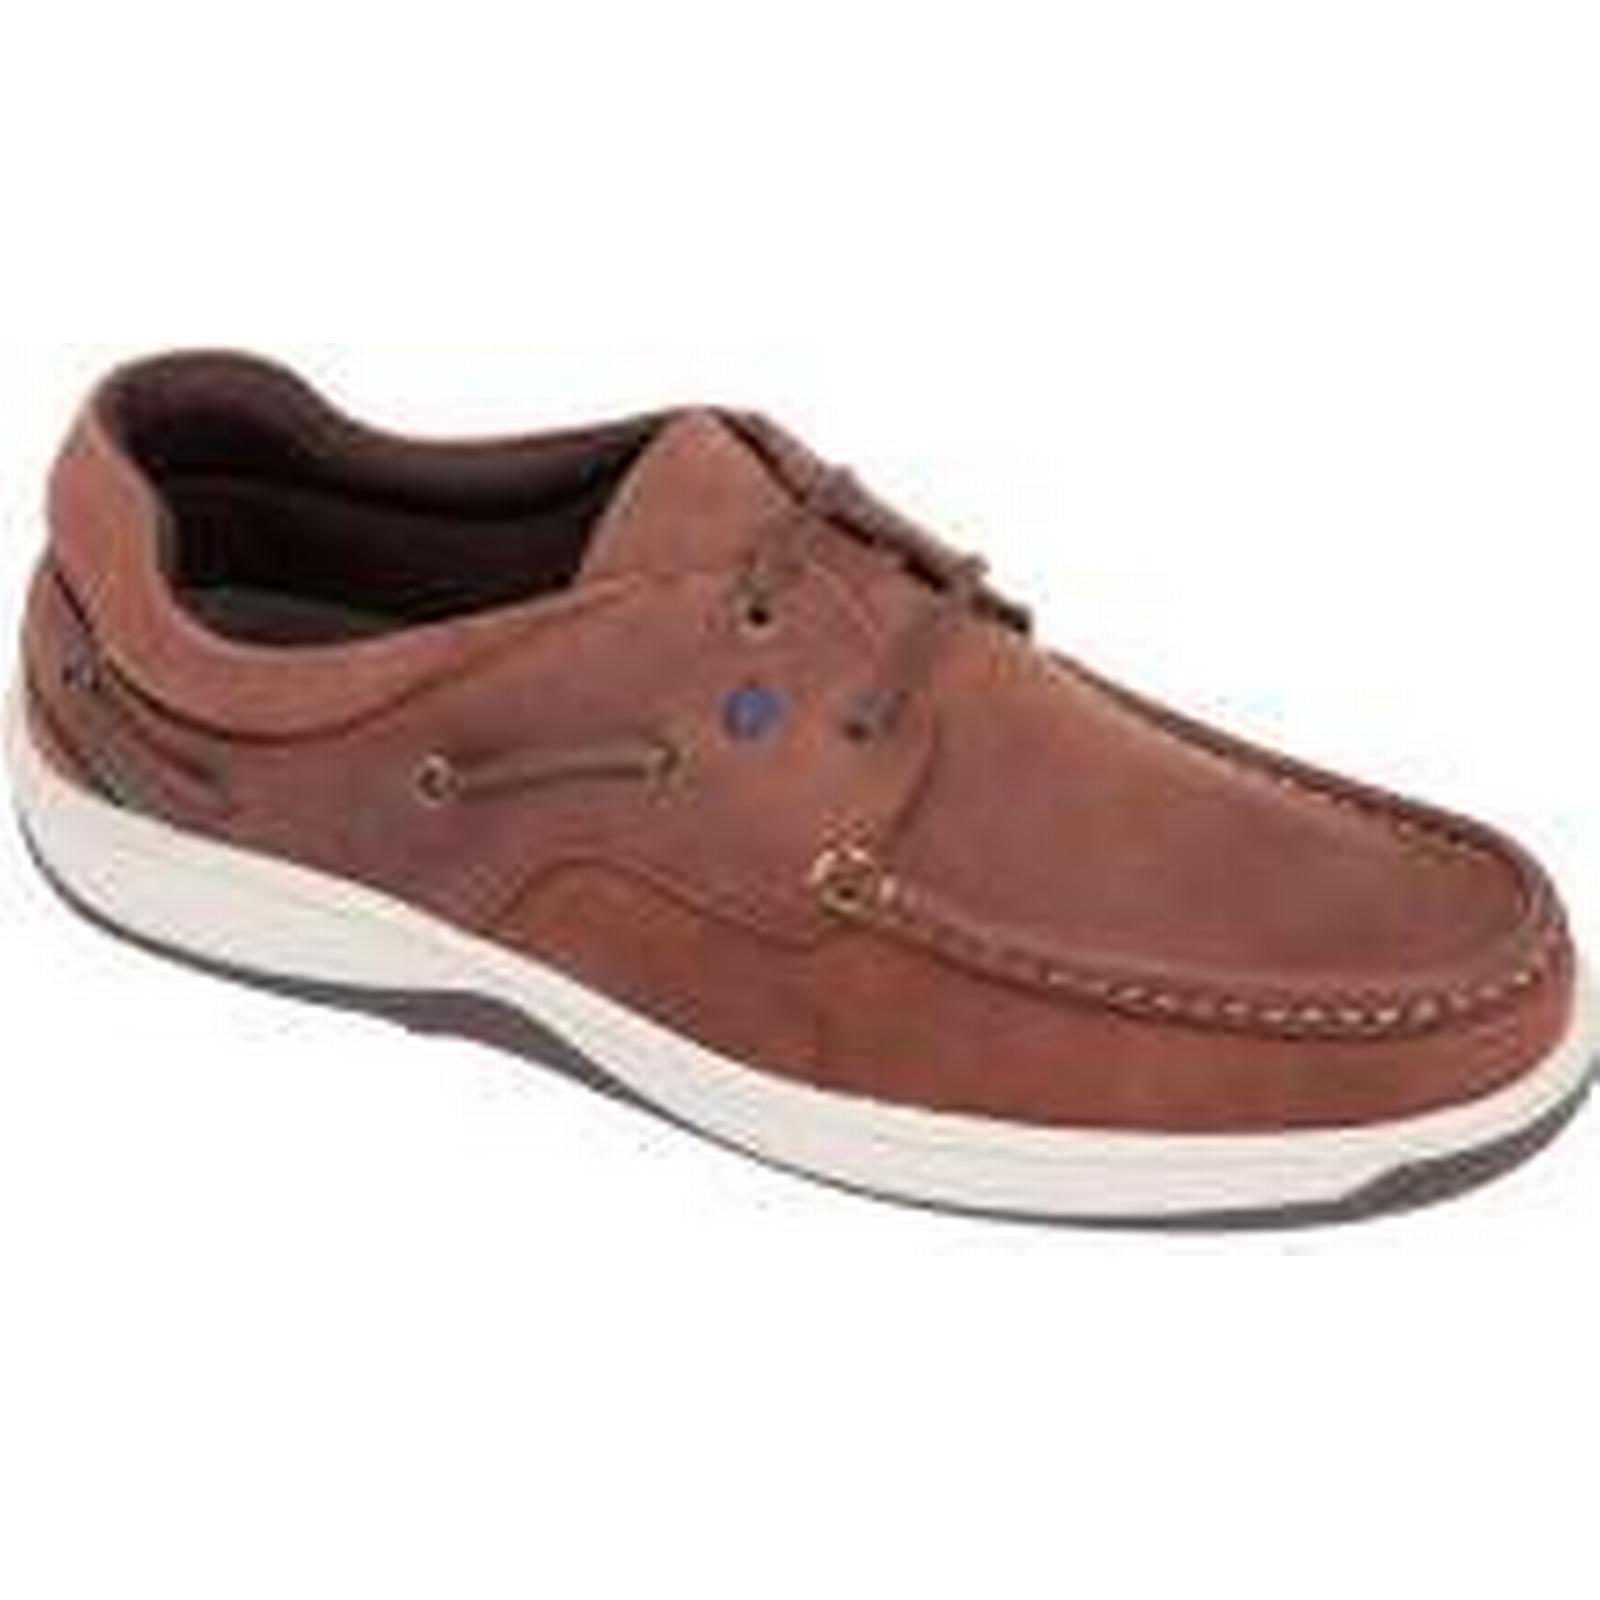 Dubarry Navigator Deck Shoes, Chestnut, Chestnut, Shoes, UK11 de237a